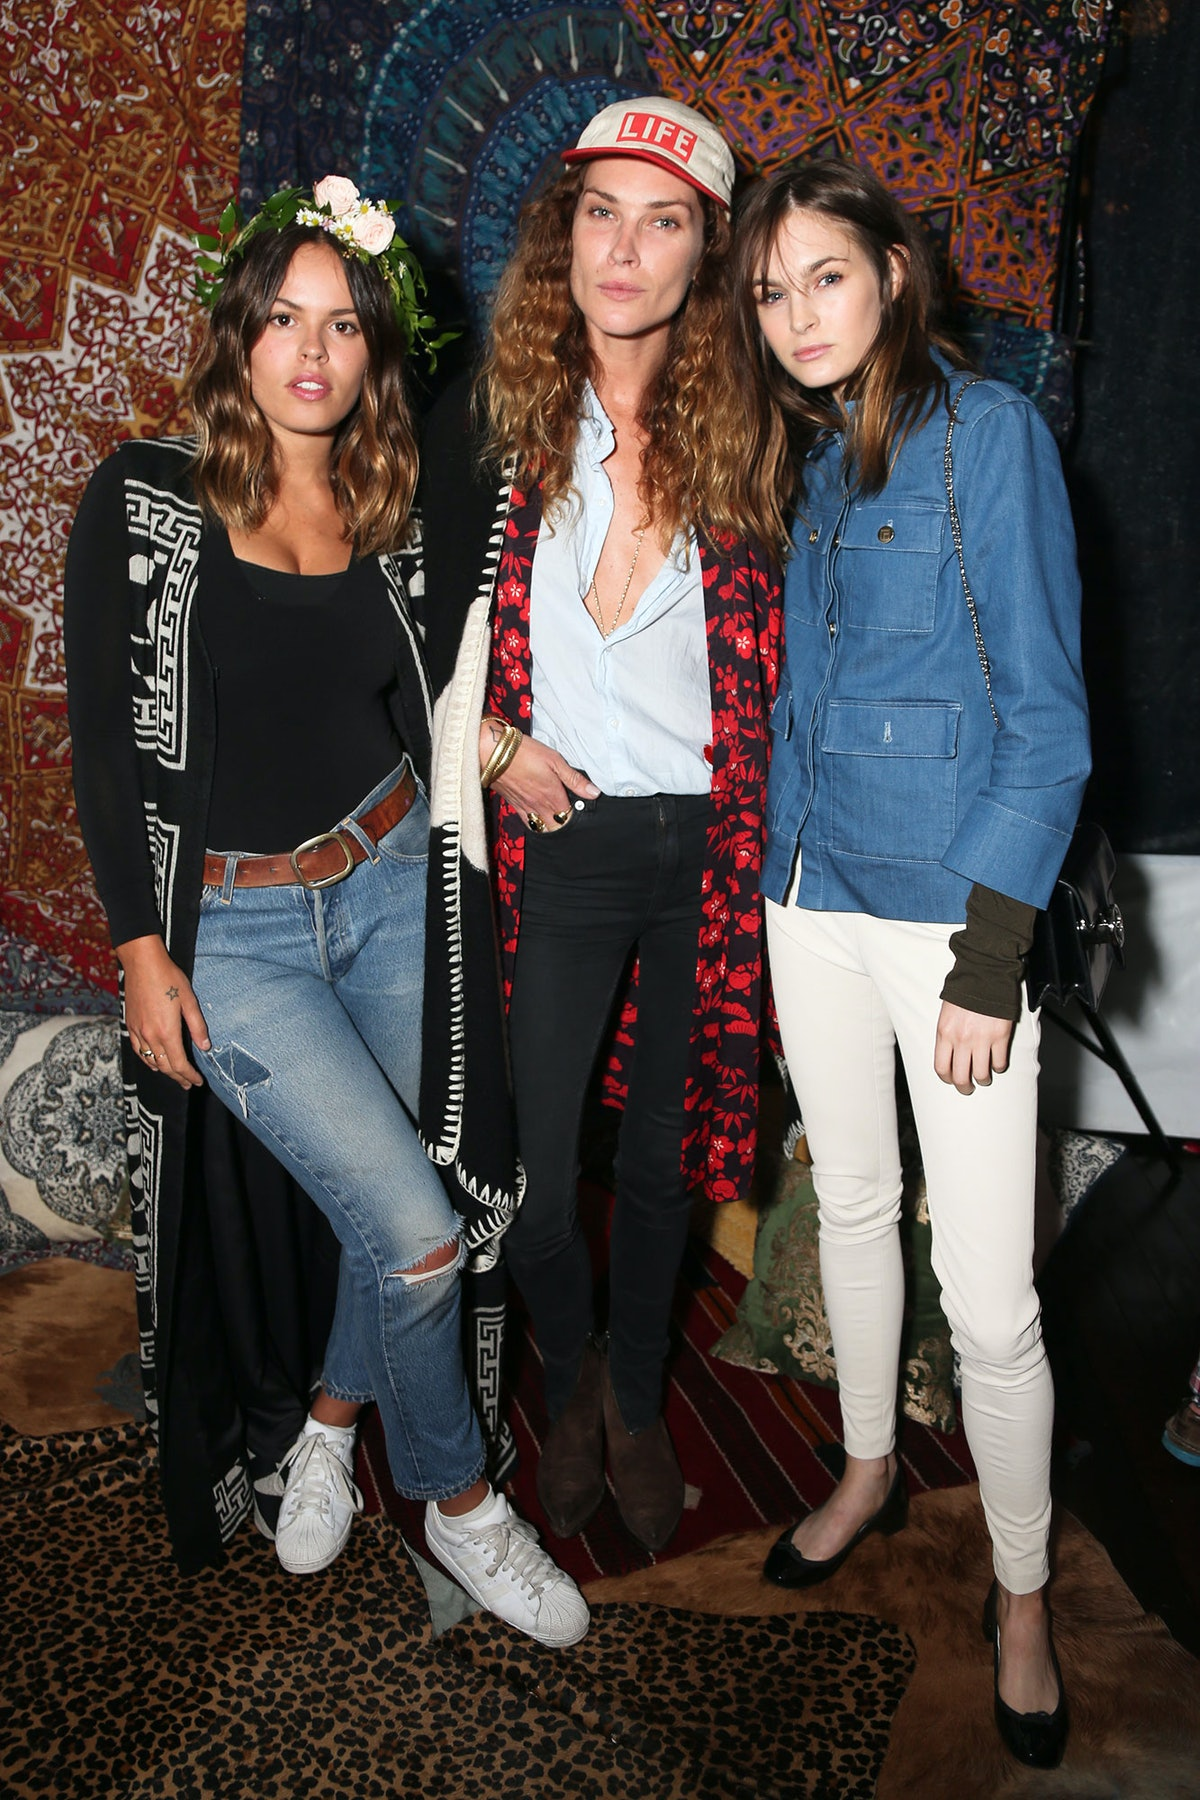 Atlanta de Cadenet Taylor, Erin Wasson, and Laura Love